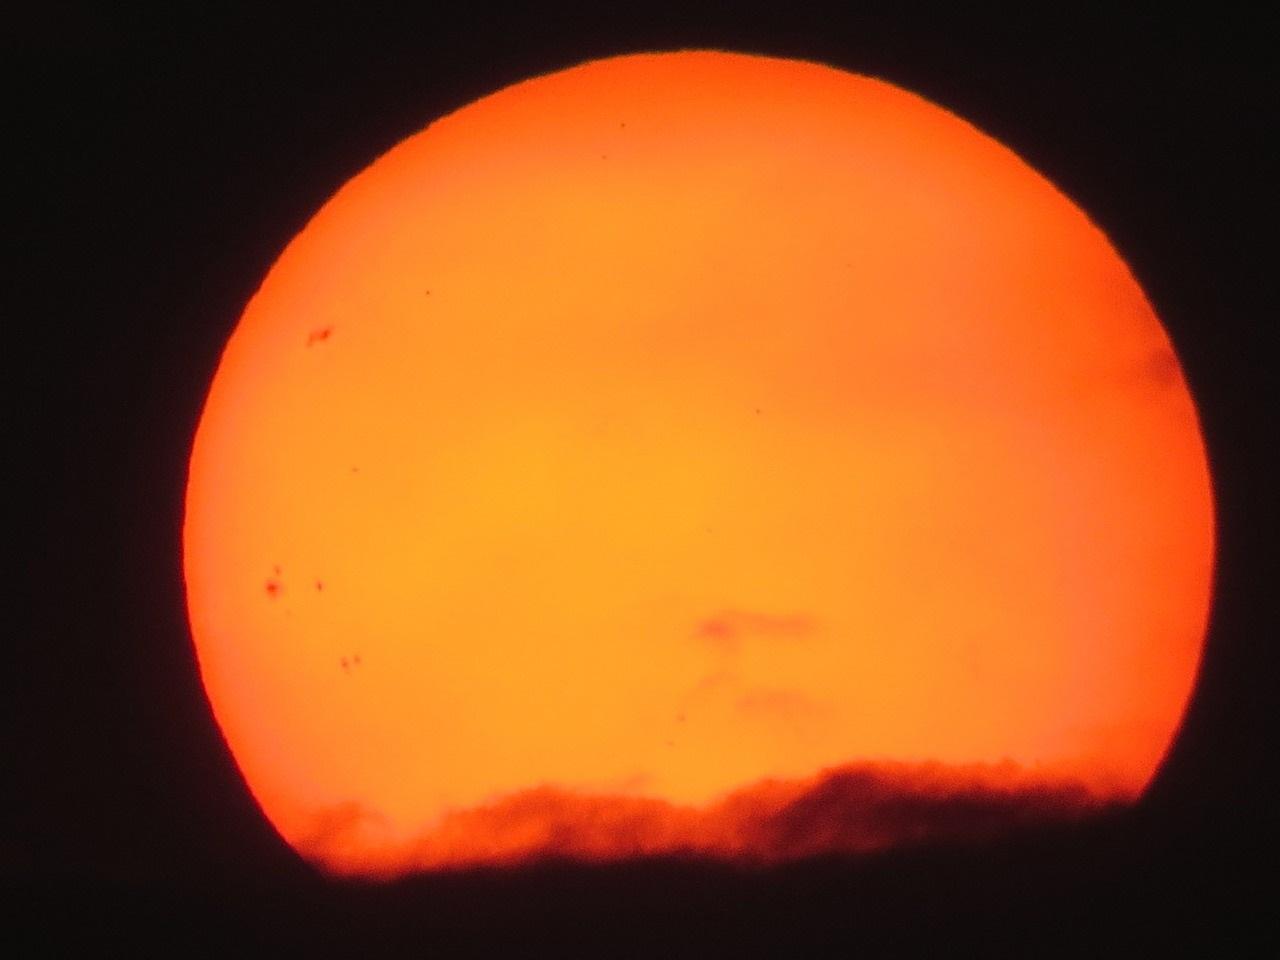 Fotos registram pequenos pontos escuros no Sol.